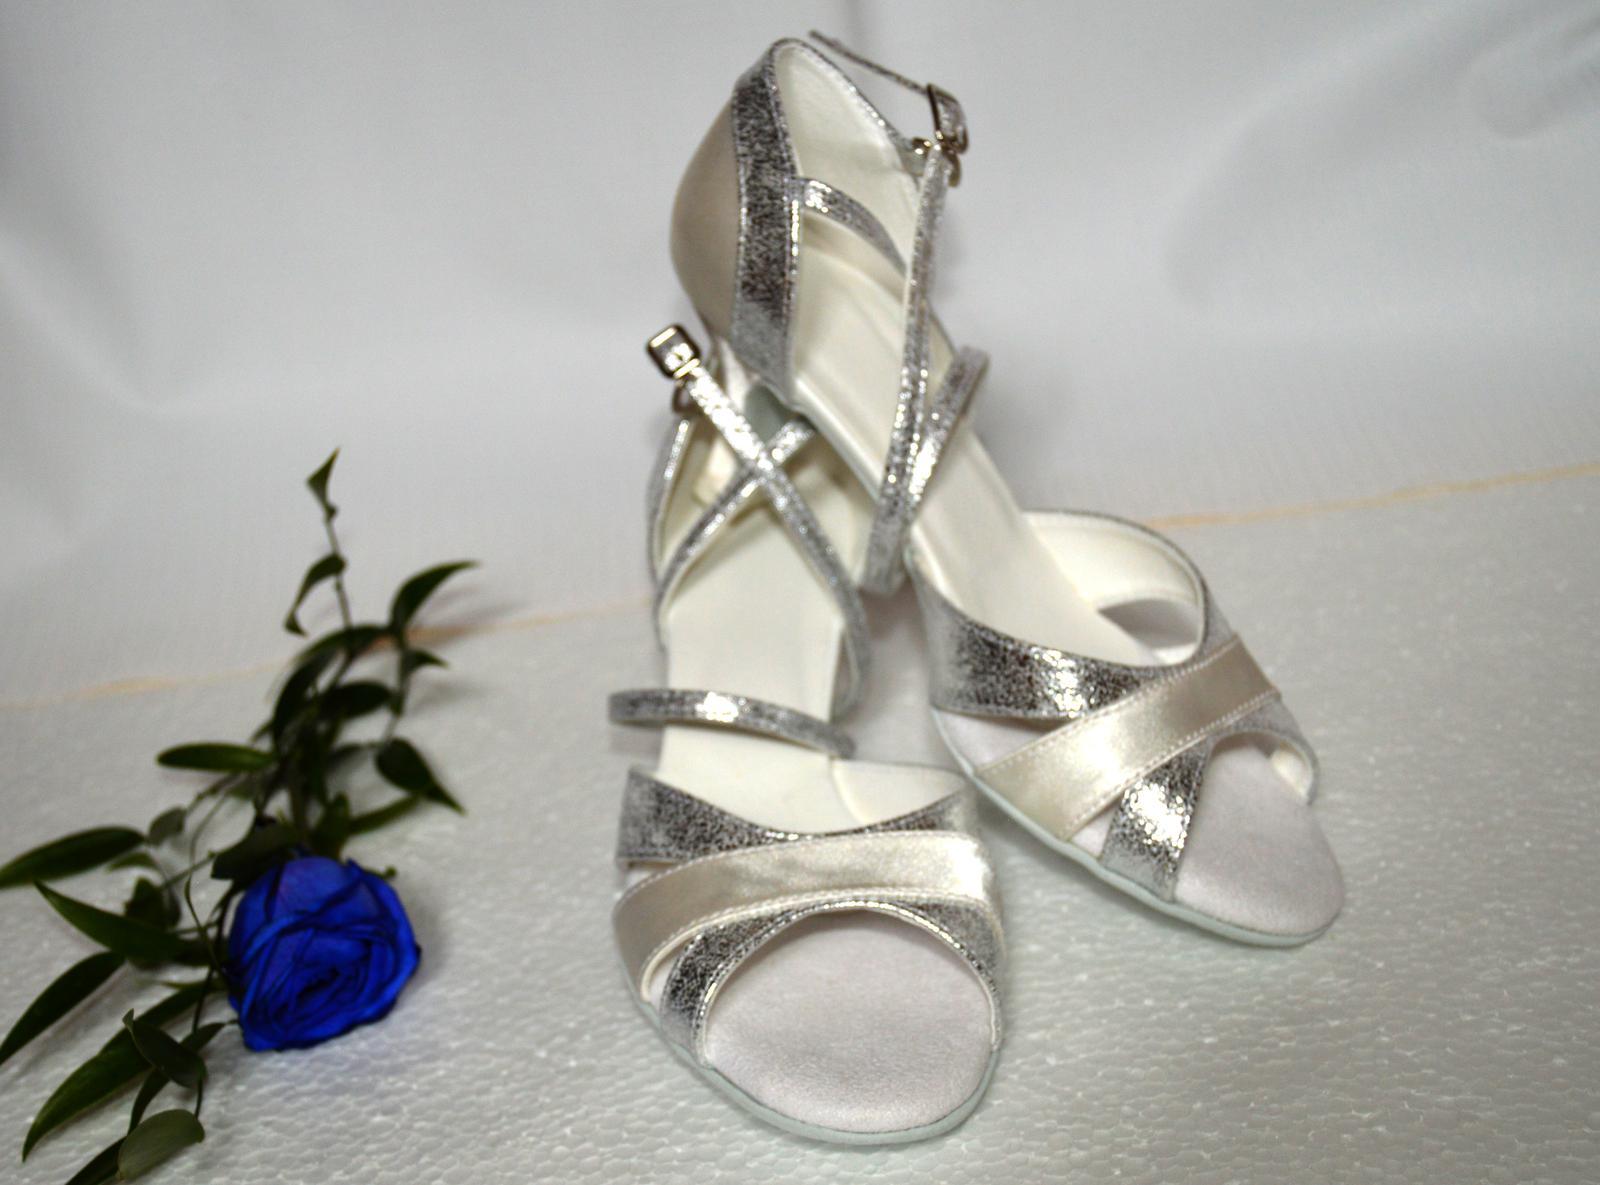 Svadobné topánky navrhni si ich - inšpirácie strieborná - Svadobné sandálky model Elena v kombinácii exkluzívna strieborná + ivory. Úpravy podľa želania klientky